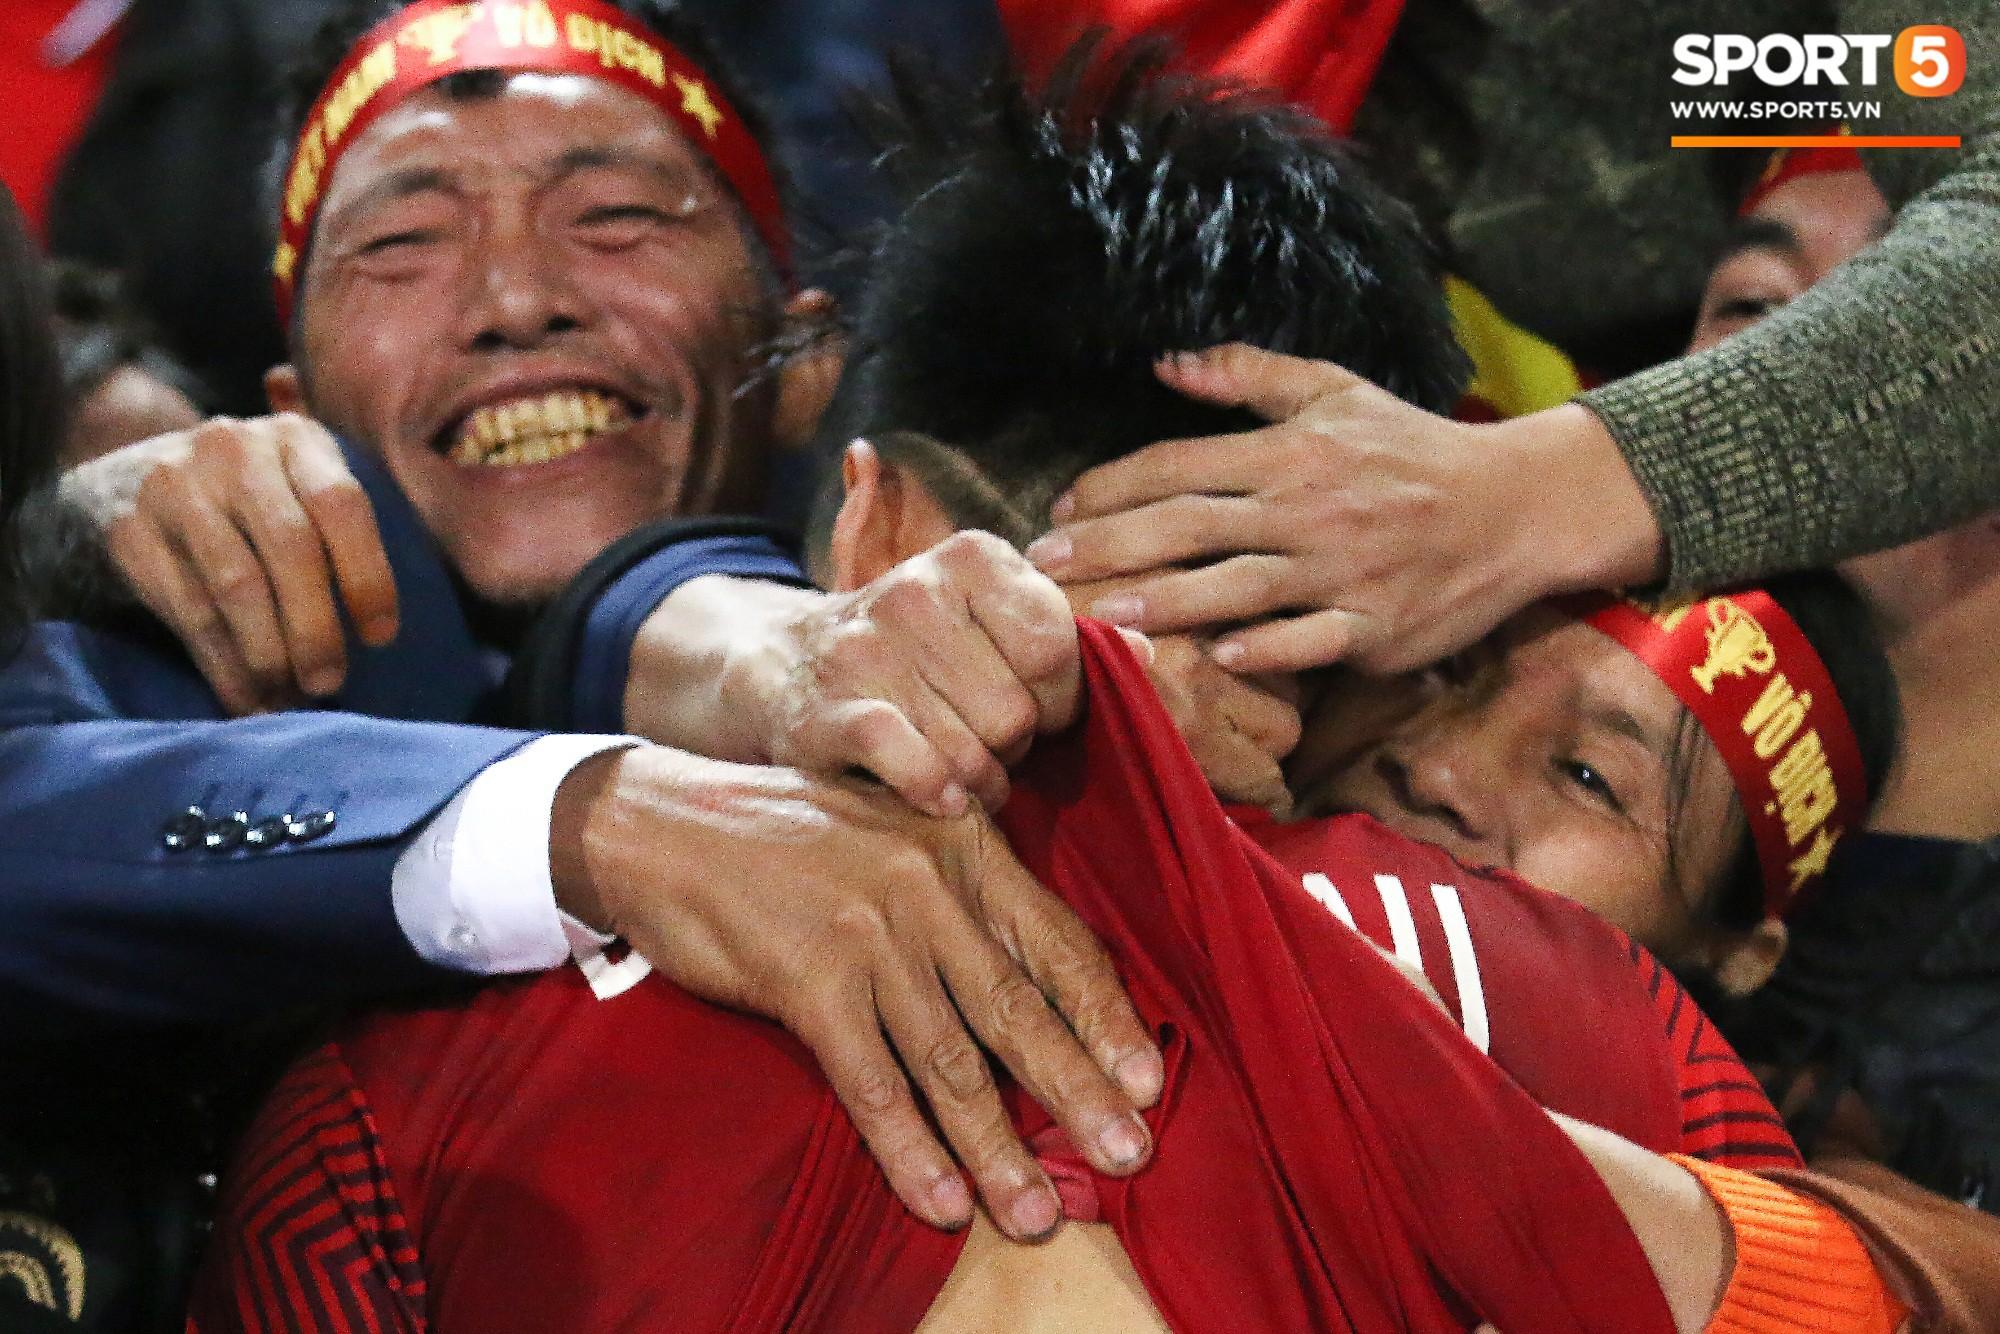 Hành trình kỳ diệu của bóng đá Việt Nam trong năm 2018 qua ảnh-28